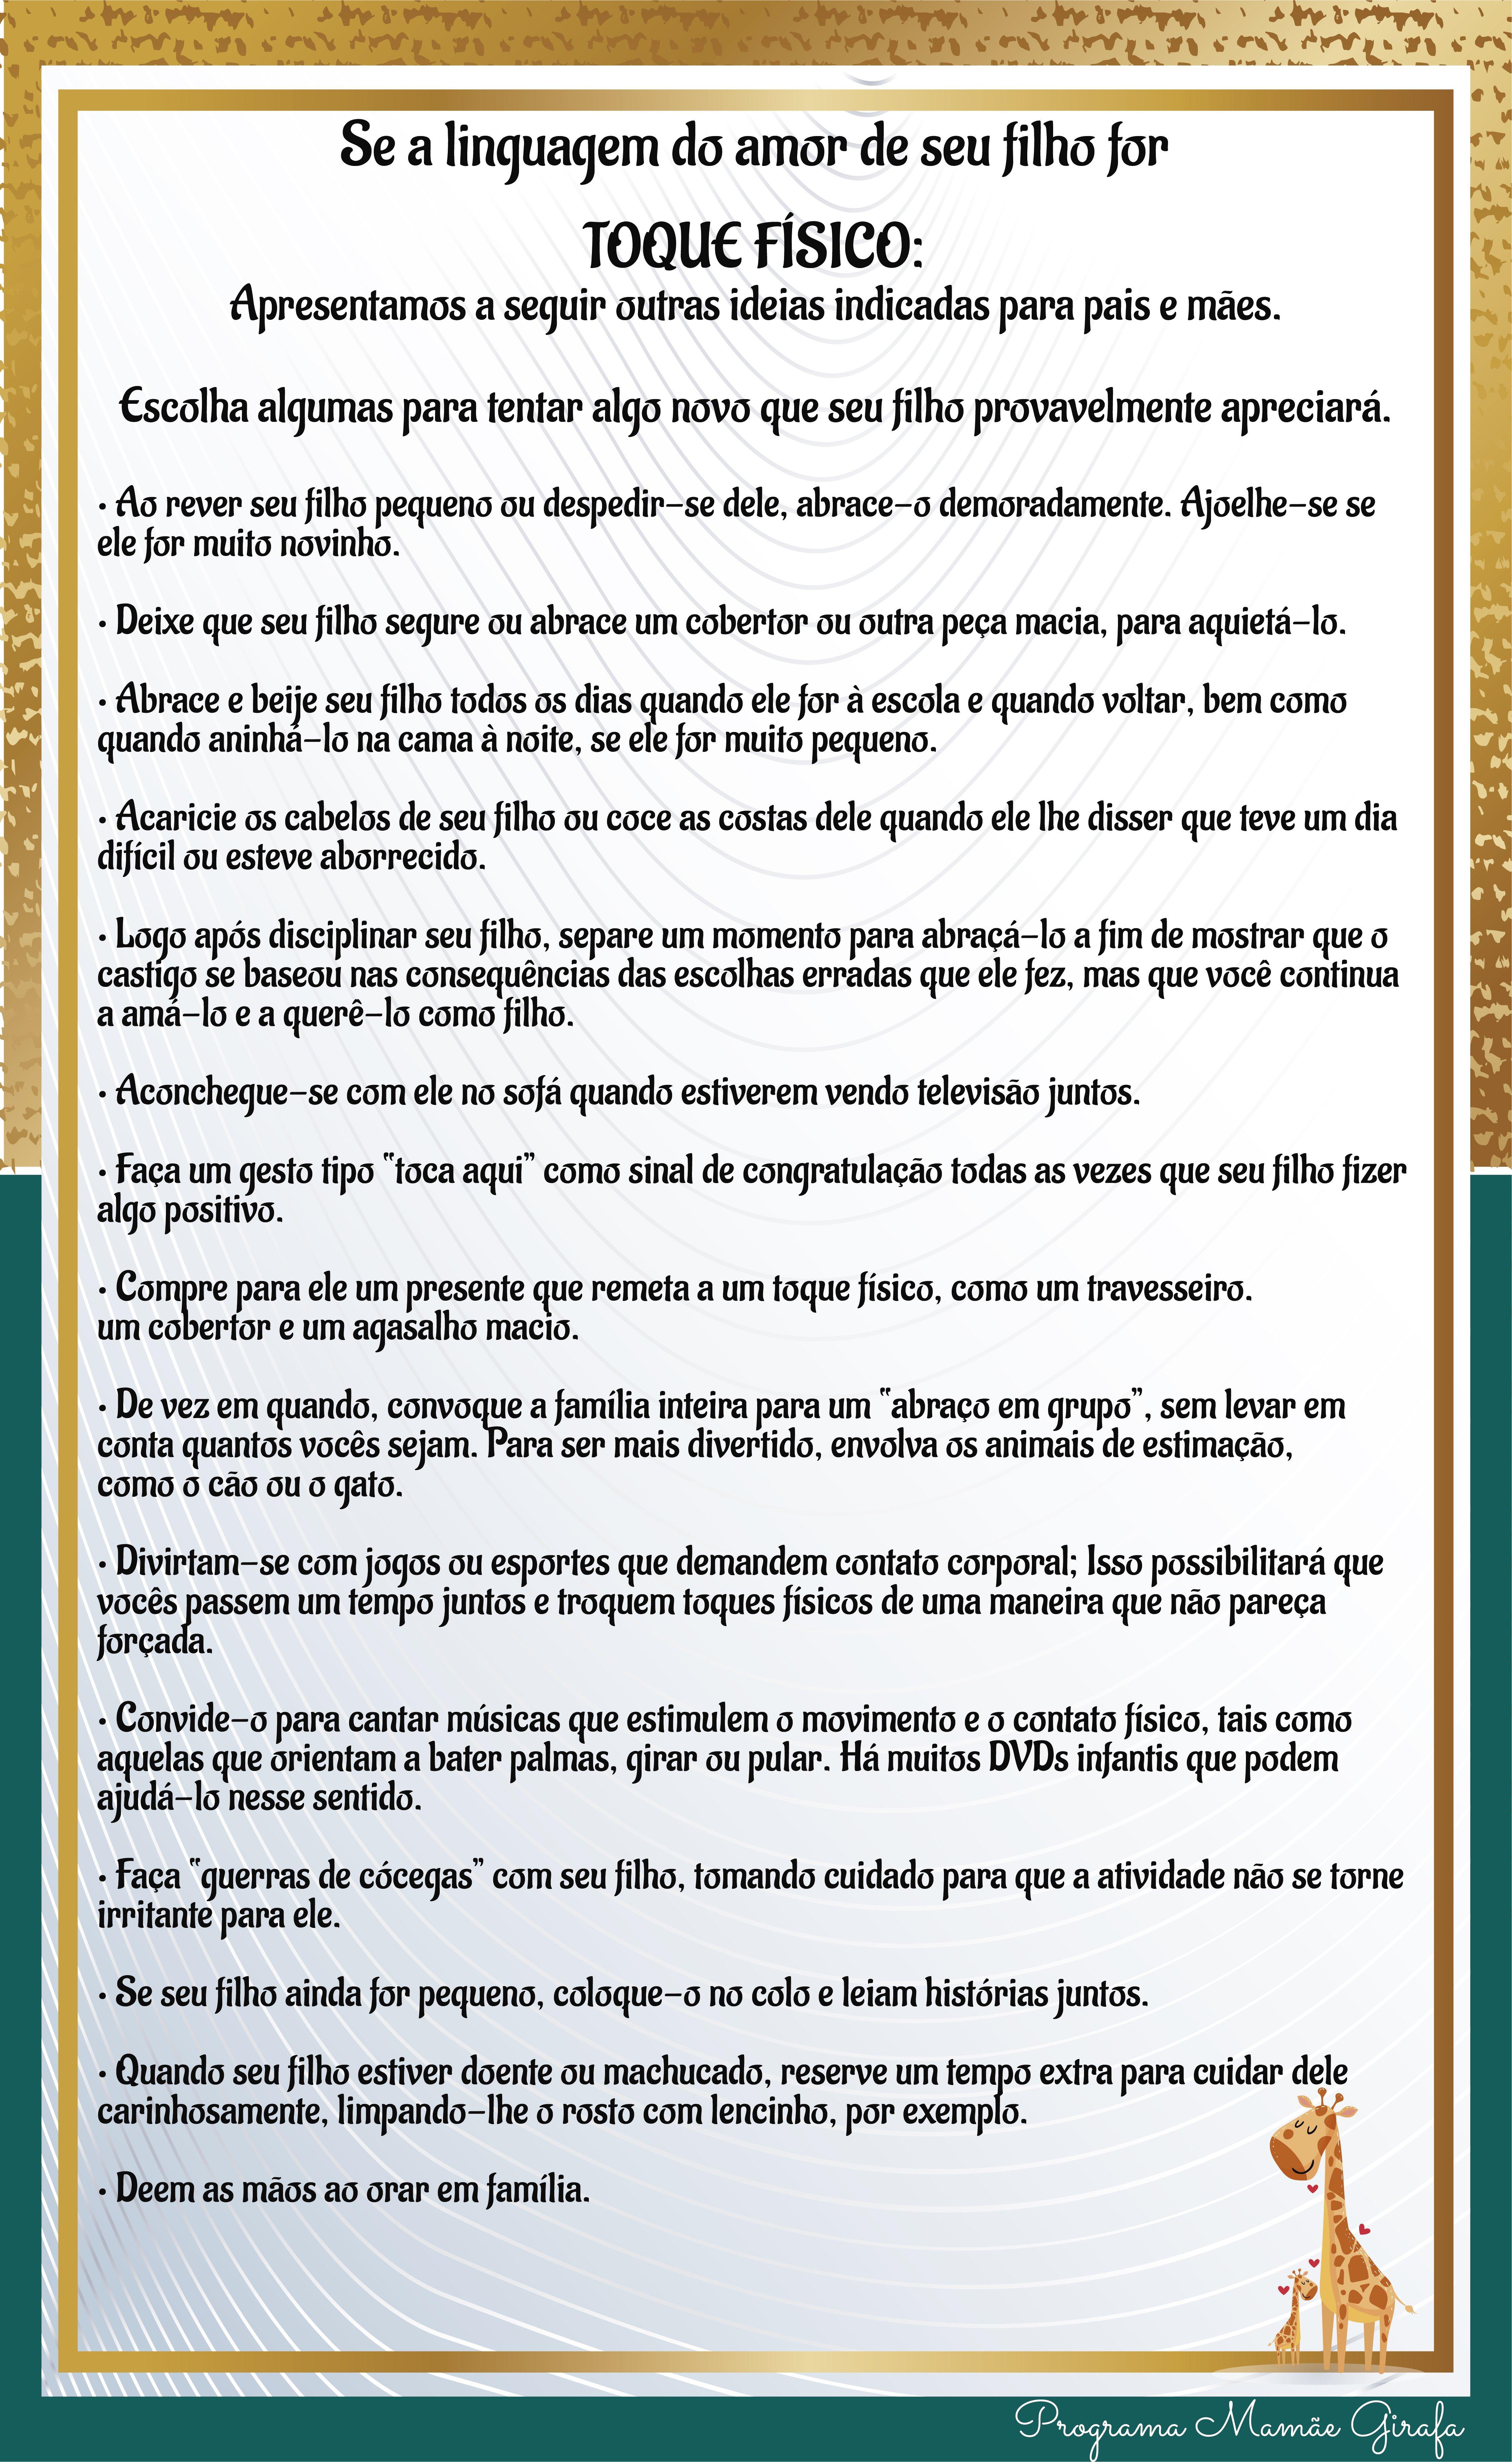 PaginasBlog_Frente_Frente_Frente